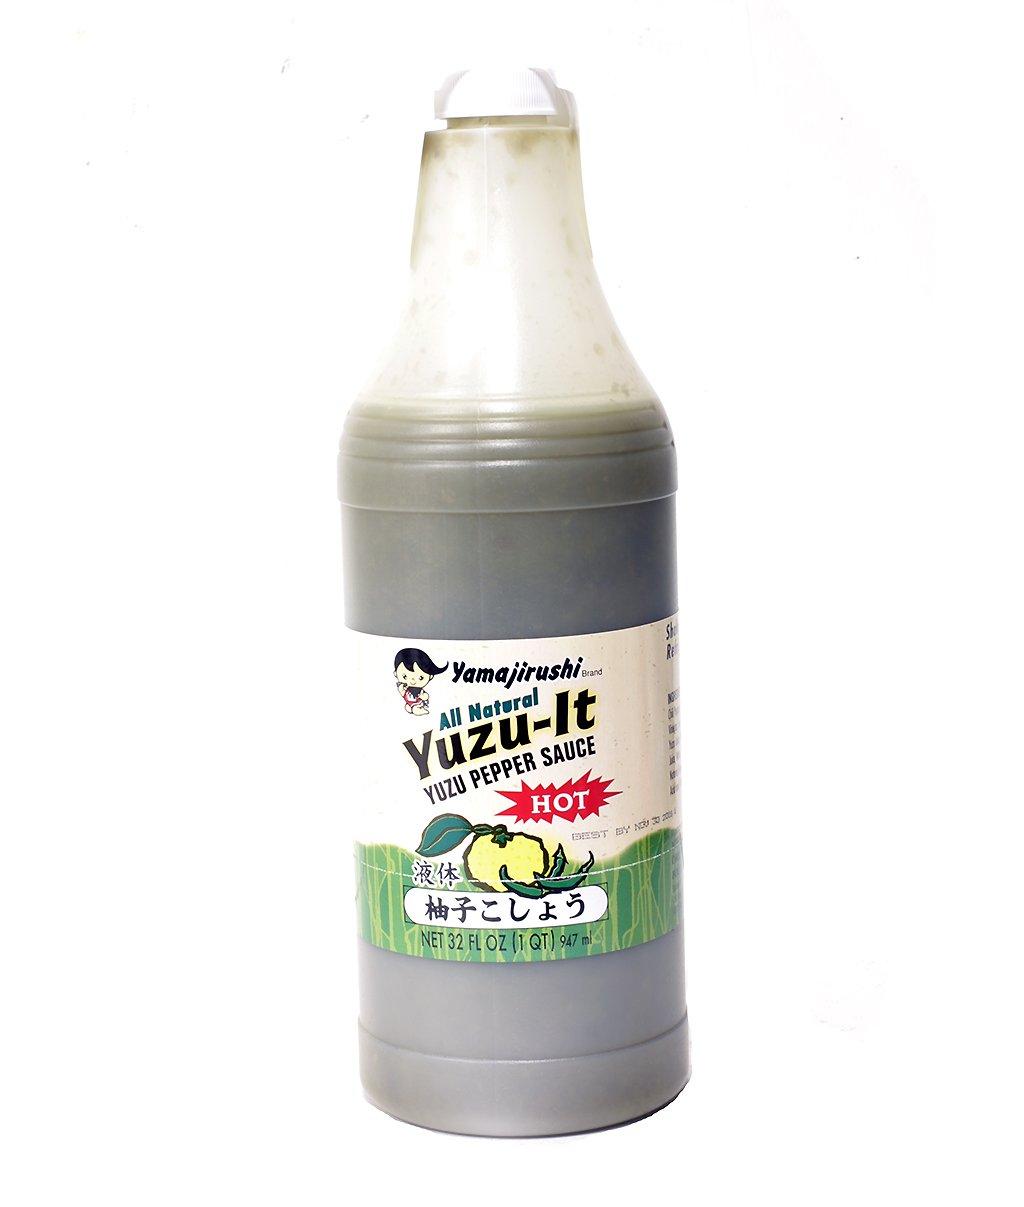 Yamajirushi All Natural Yuzu-It (Yuzu Pepper Hot Sauce) 32 FL OZ   947 ml